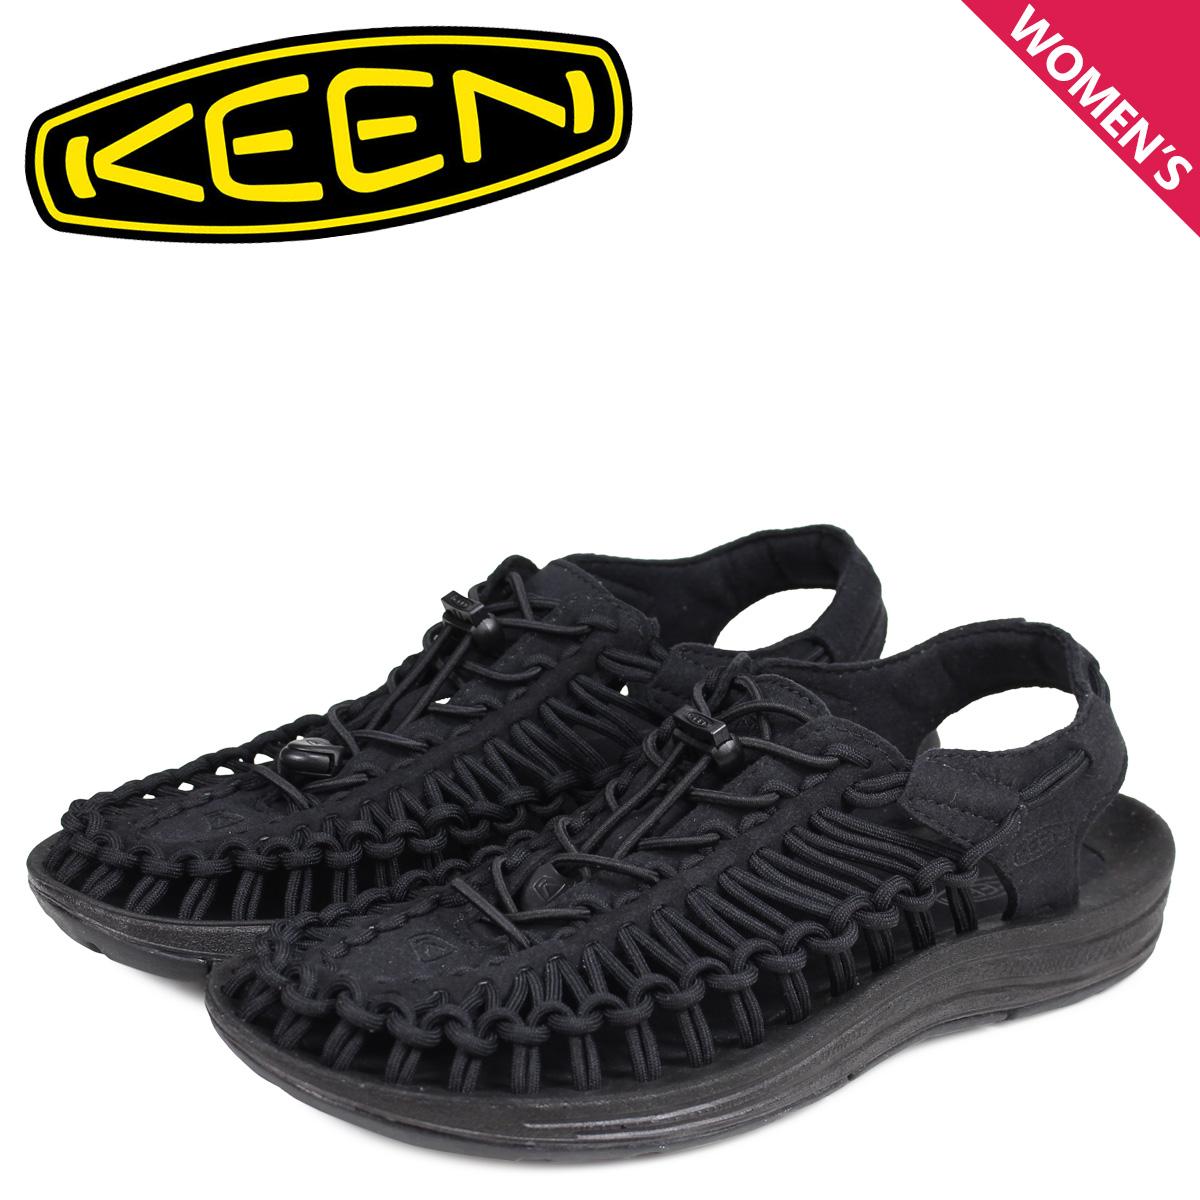 キーン KEEN ユニーク サンダル スポーツサンダル レディース UNEEK ブラック 黒 1014099